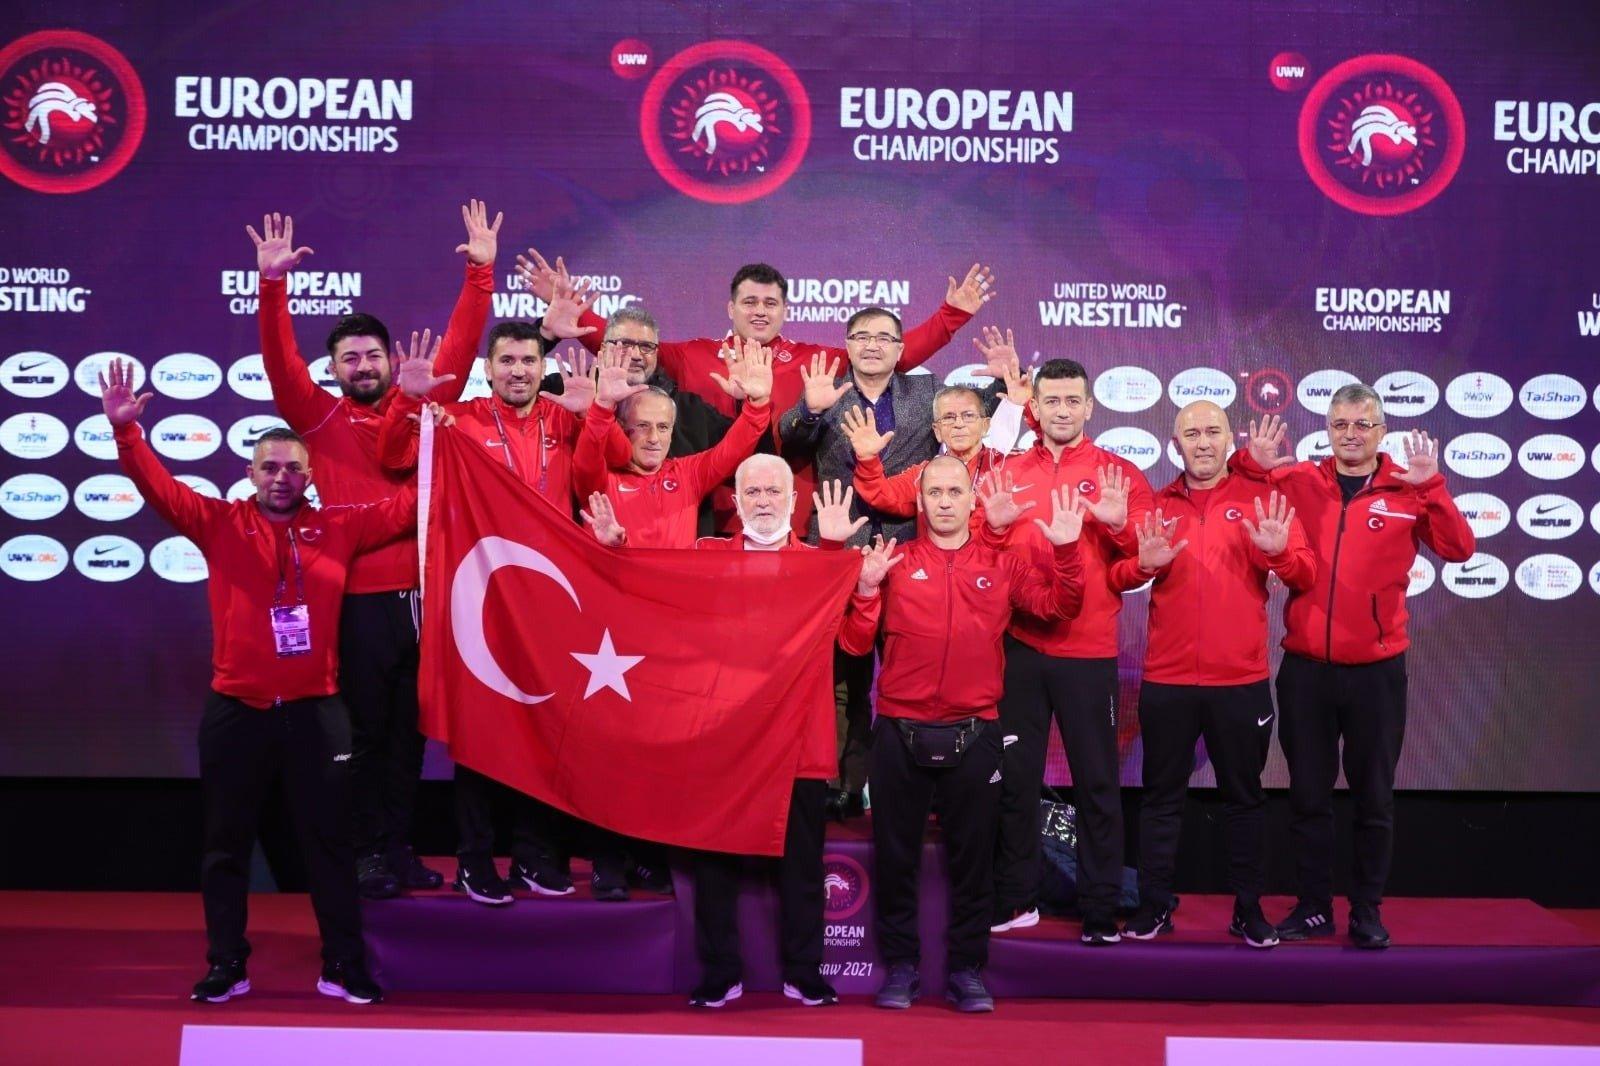 Rıza Kayaalp i delegacja turecka świętują po dziesiątym tytule europejskim w Warszawie, 24 kwietnia 2021 r. (Zdjęcie AA)